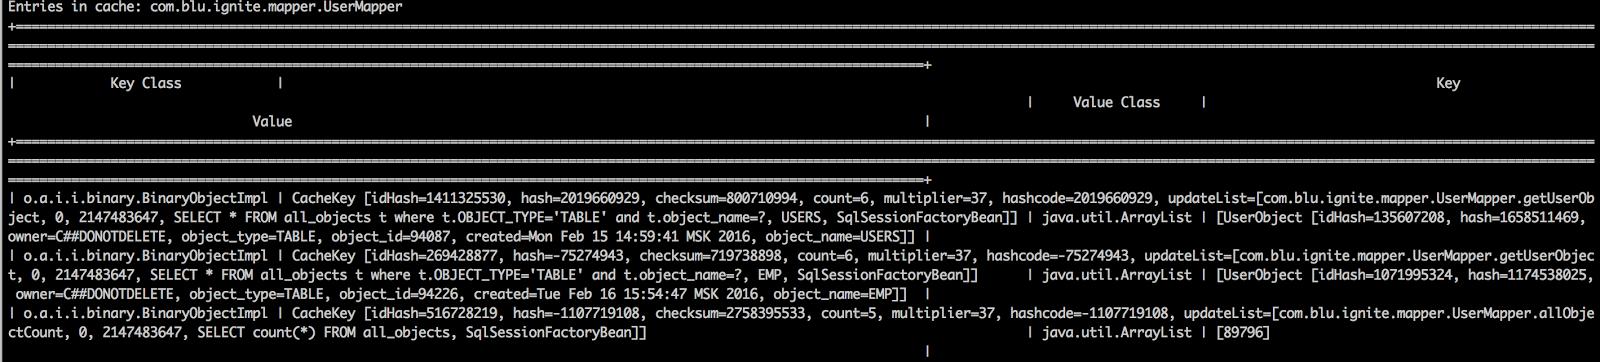 Настройка и использование Apache Ignite в качестве MyBatis кэш второго уровня (L2 cache) - 3